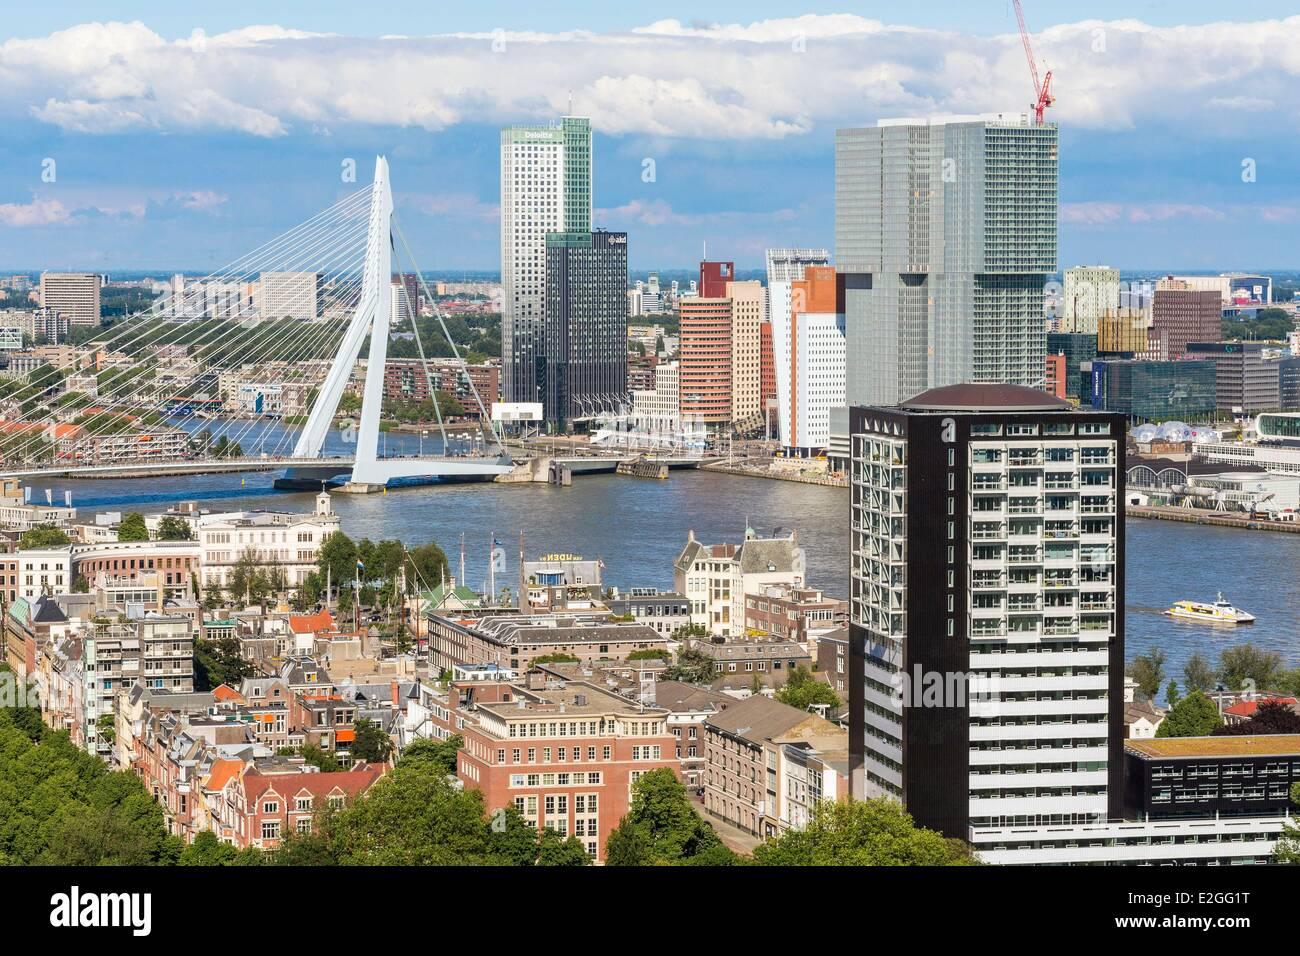 Países Bajos Holanda del Sur vista de Rotterdam Euromast Nieuwe Maas River edificio ecológico Maastoren Imagen De Stock